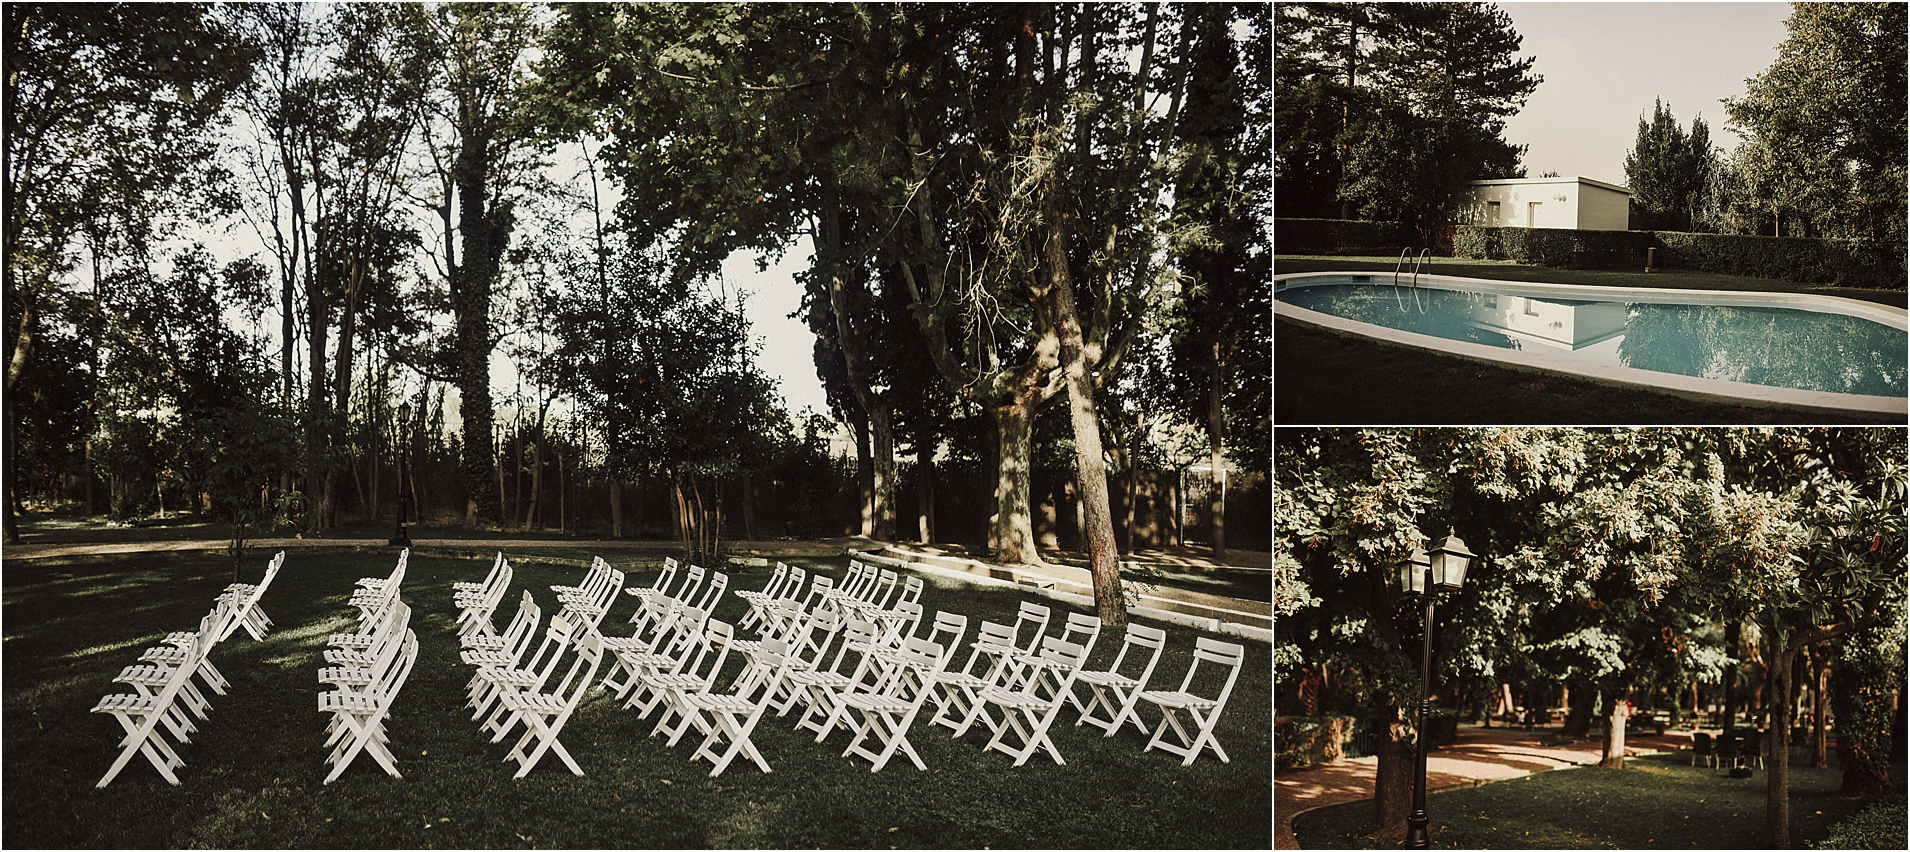 Fotografos-de-boda-donostia-zaragoza-san-sebastian-destination-wedding-photographer-3.jpg